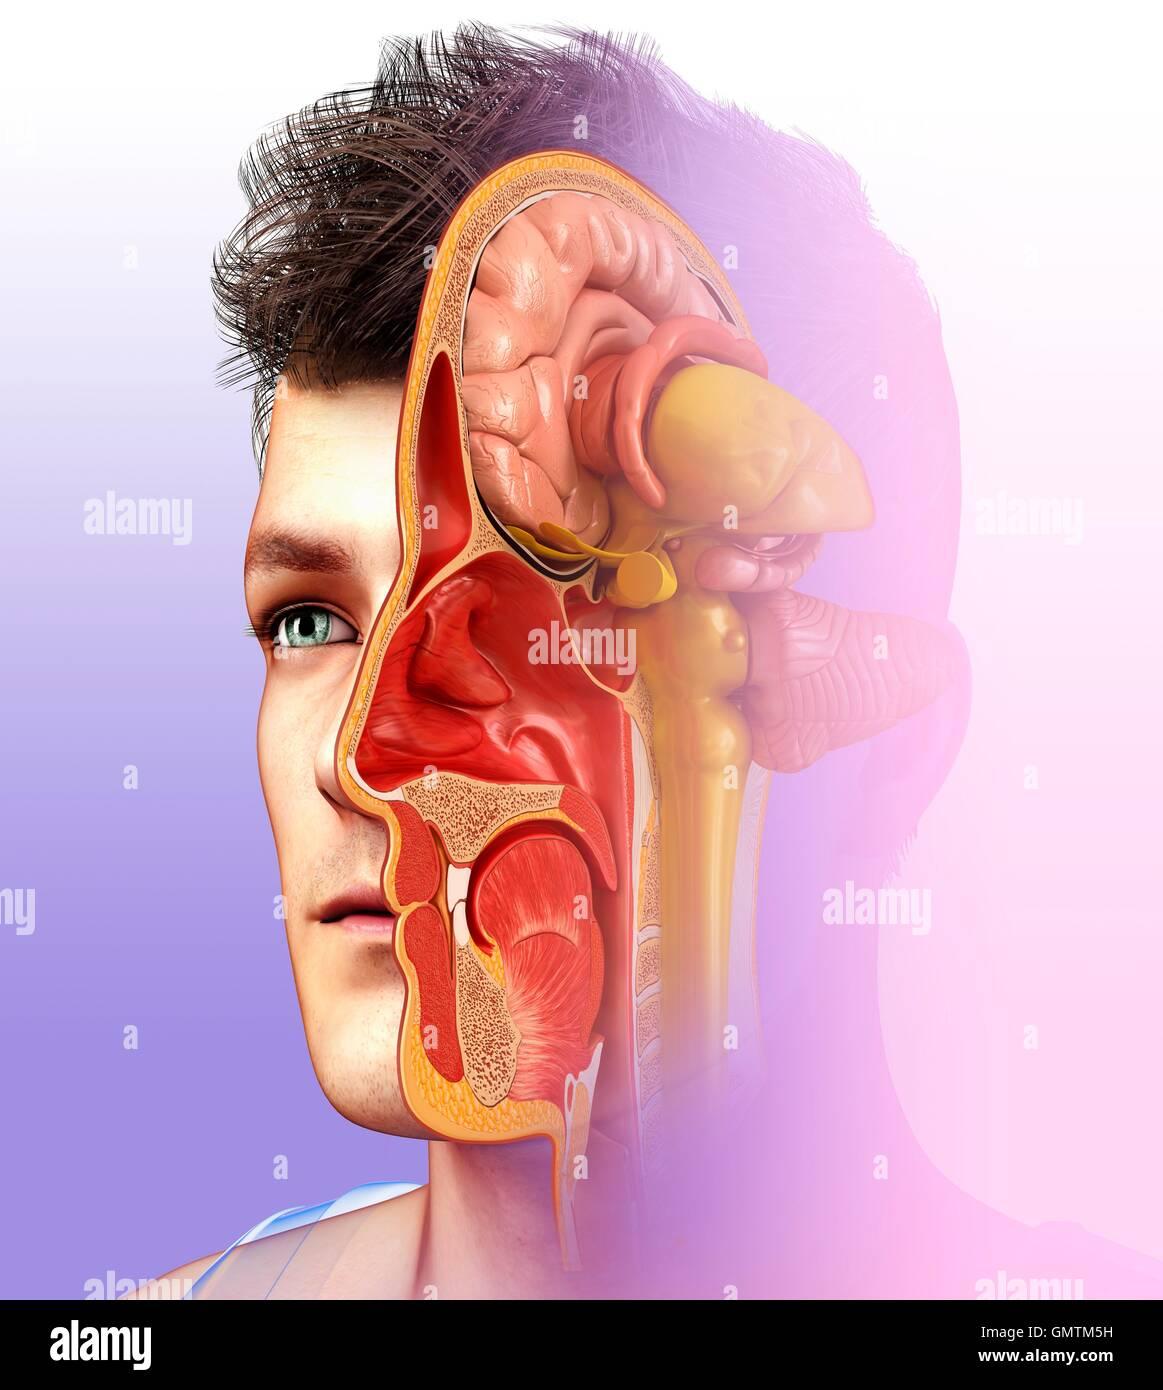 Gemütlich Nasenhöhle Galerie - Anatomie Und Physiologie Knochen ...